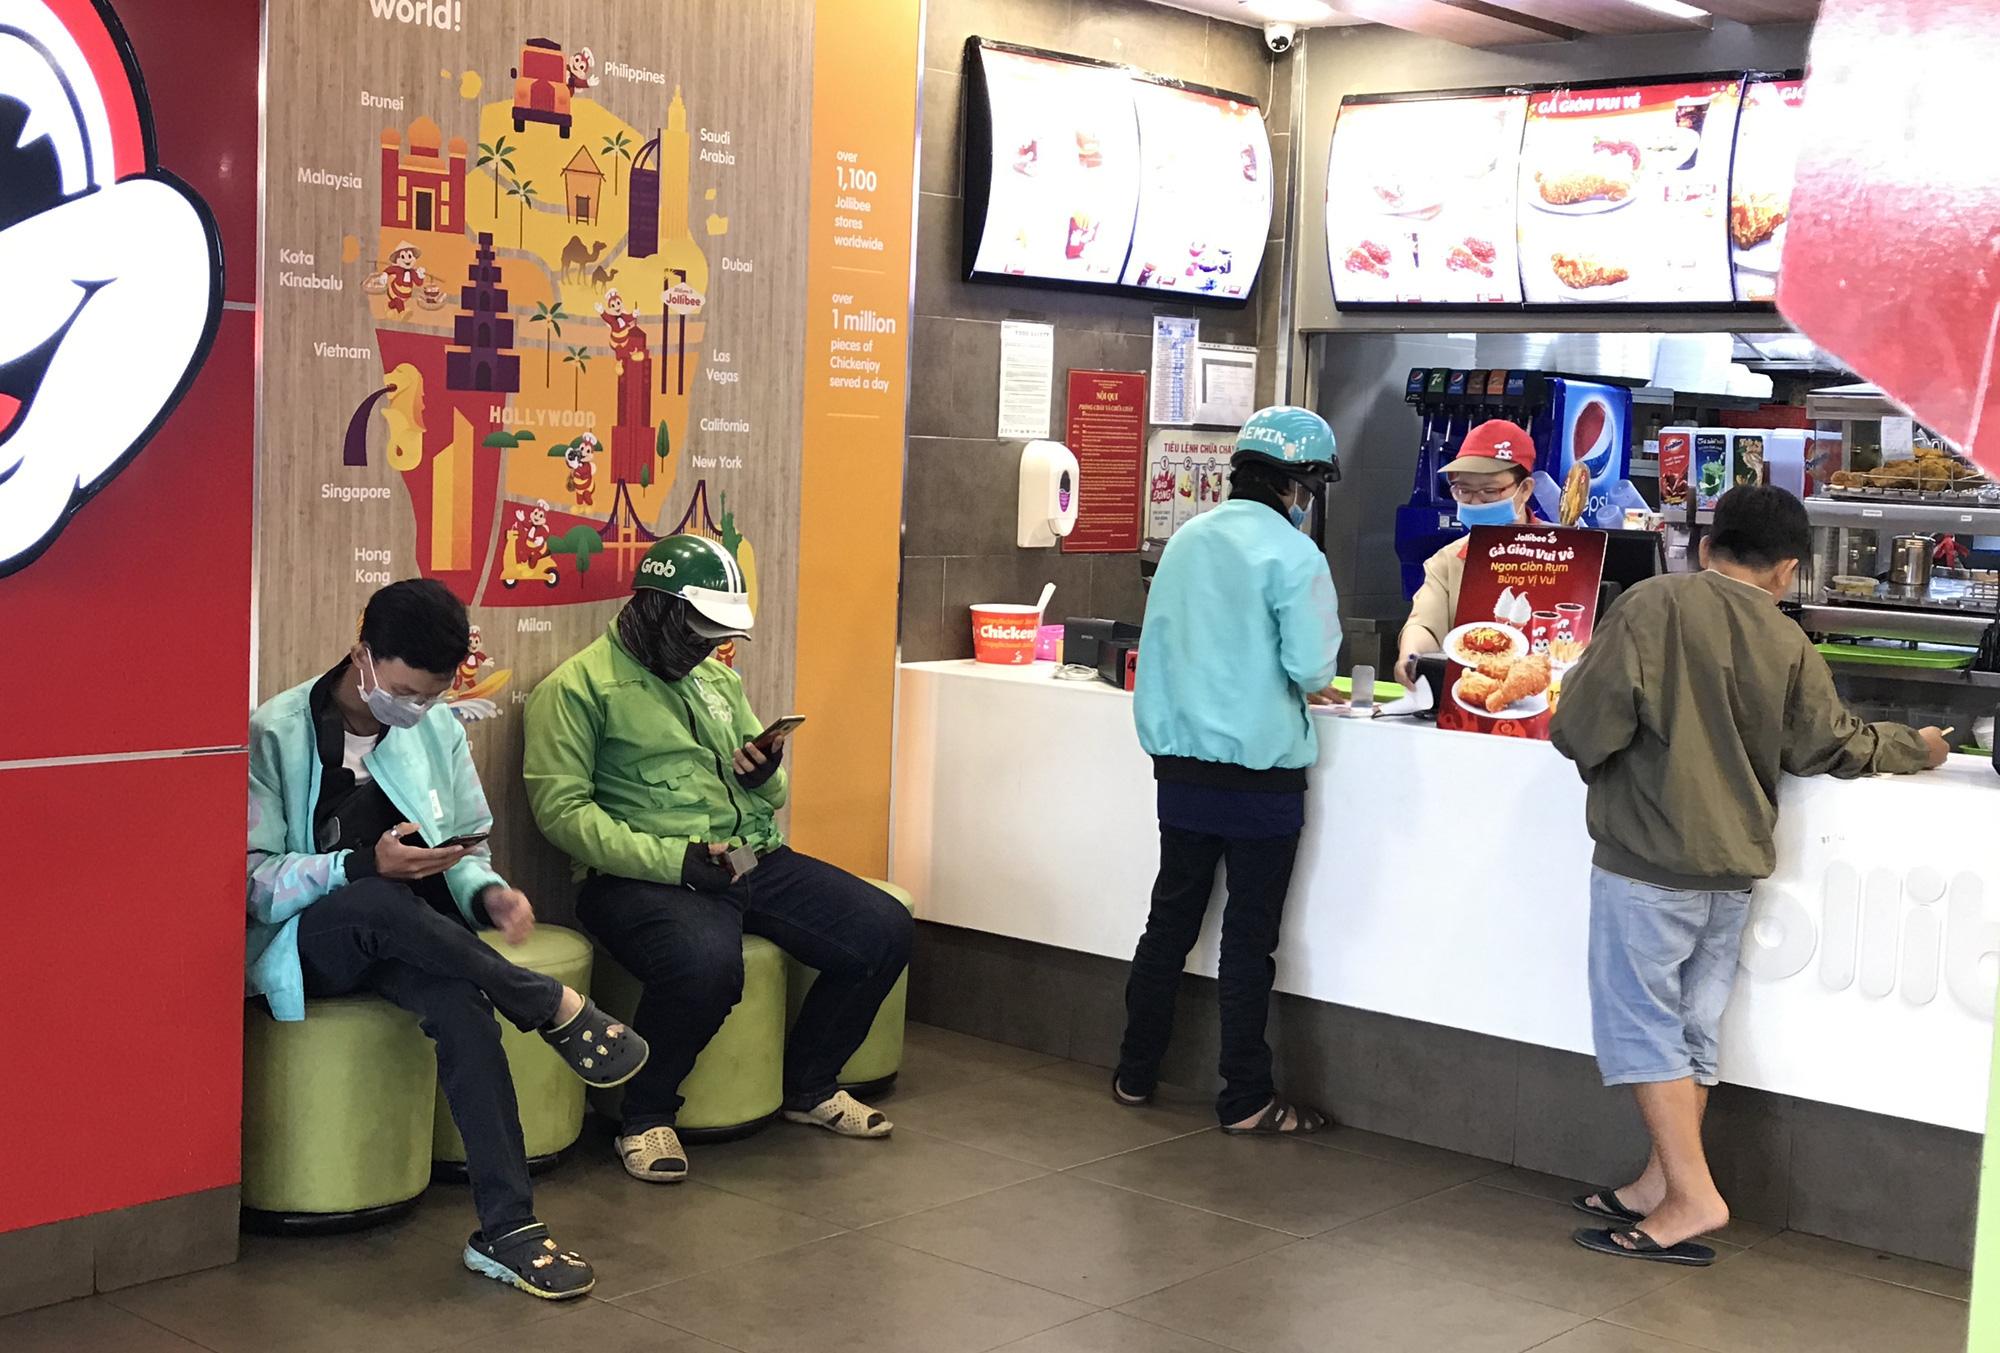 Khẩn: TP HCM yêu cầu quán ăn, hủ tiếu, cà phê, cantin… không được phục vụ tại chỗ từ hôm nay 28/3 - Ảnh 1.